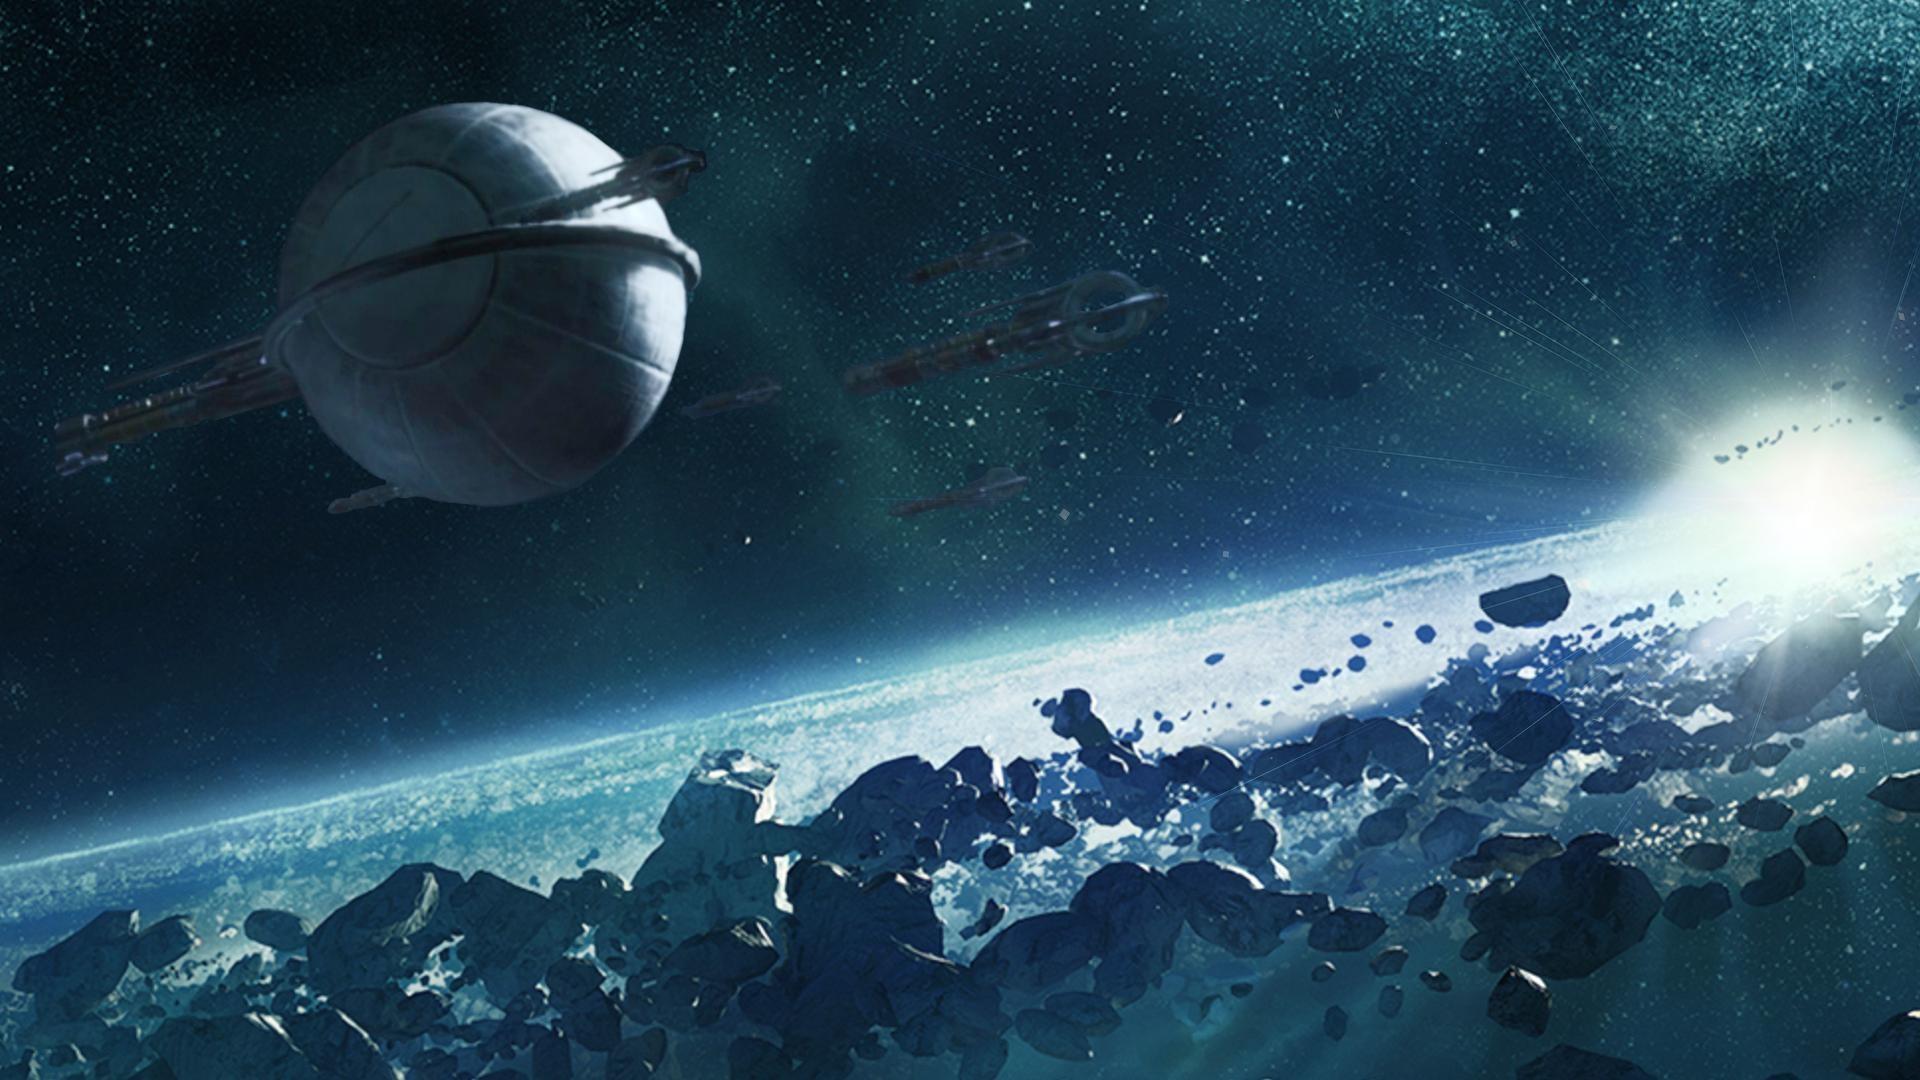 Mass Effect Wallpaper 1920x1080 81 Images